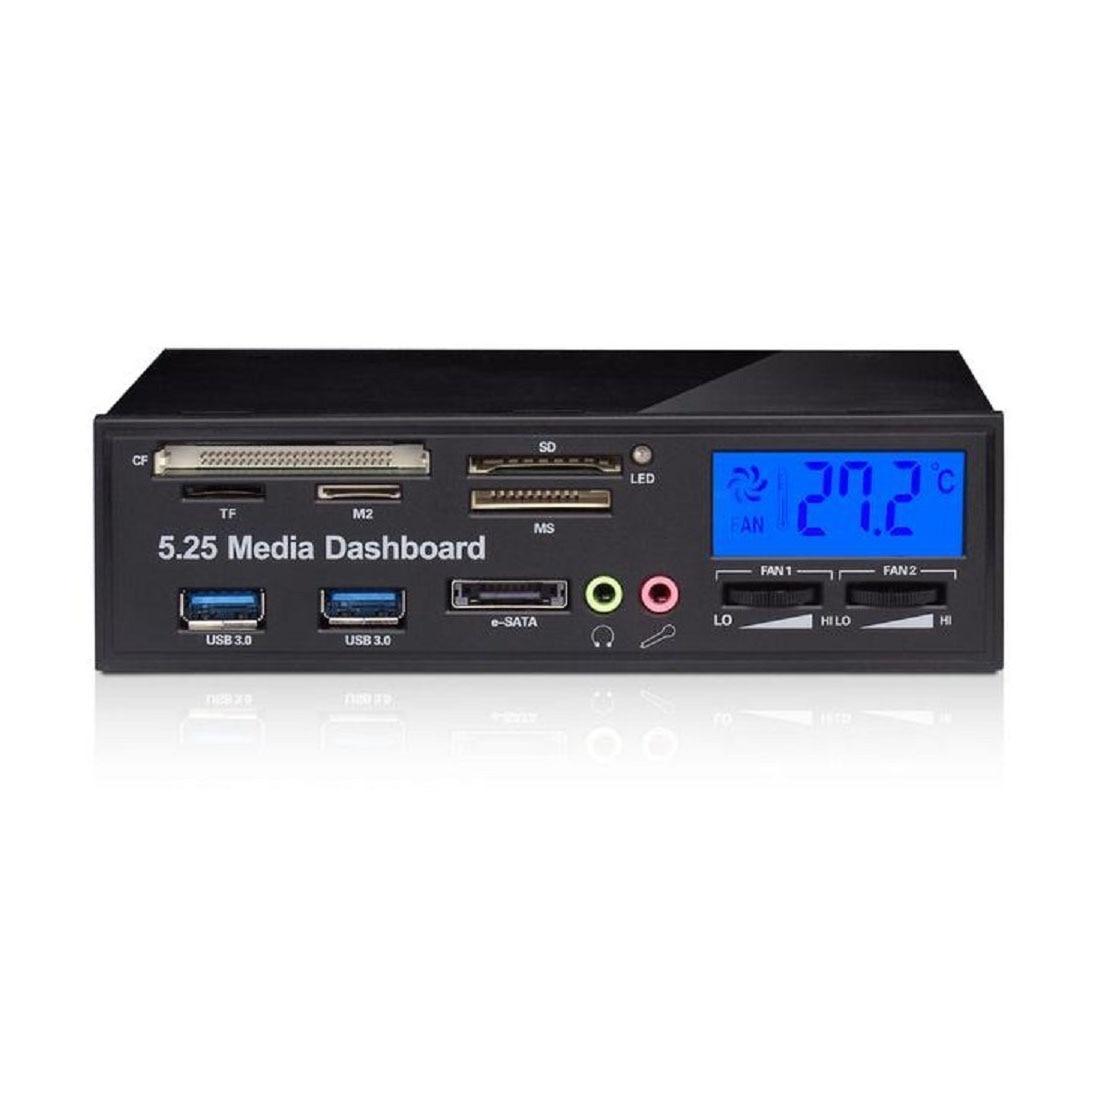 Wielofunkcyjny Panel multimedialny 5.25 cala przednia deska rozdzielcza komputera z SATA/eSATA, USB 2.0/USB 3.0, mikrofon/słuchawki Audio Po